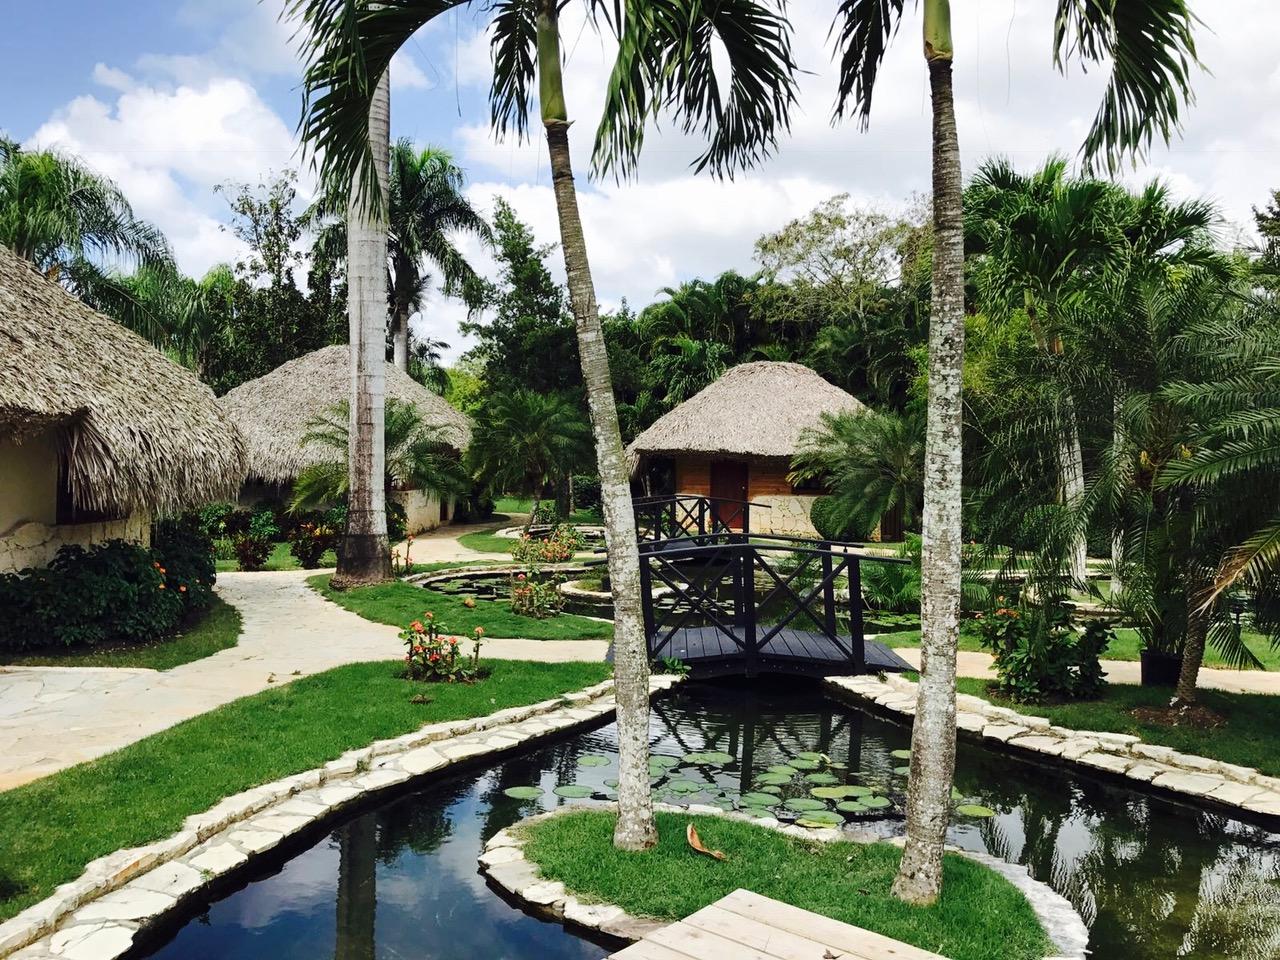 Blick in die Anlage im Dreams La Romana am Bayahibe Strand in der Dominikanischen Republik